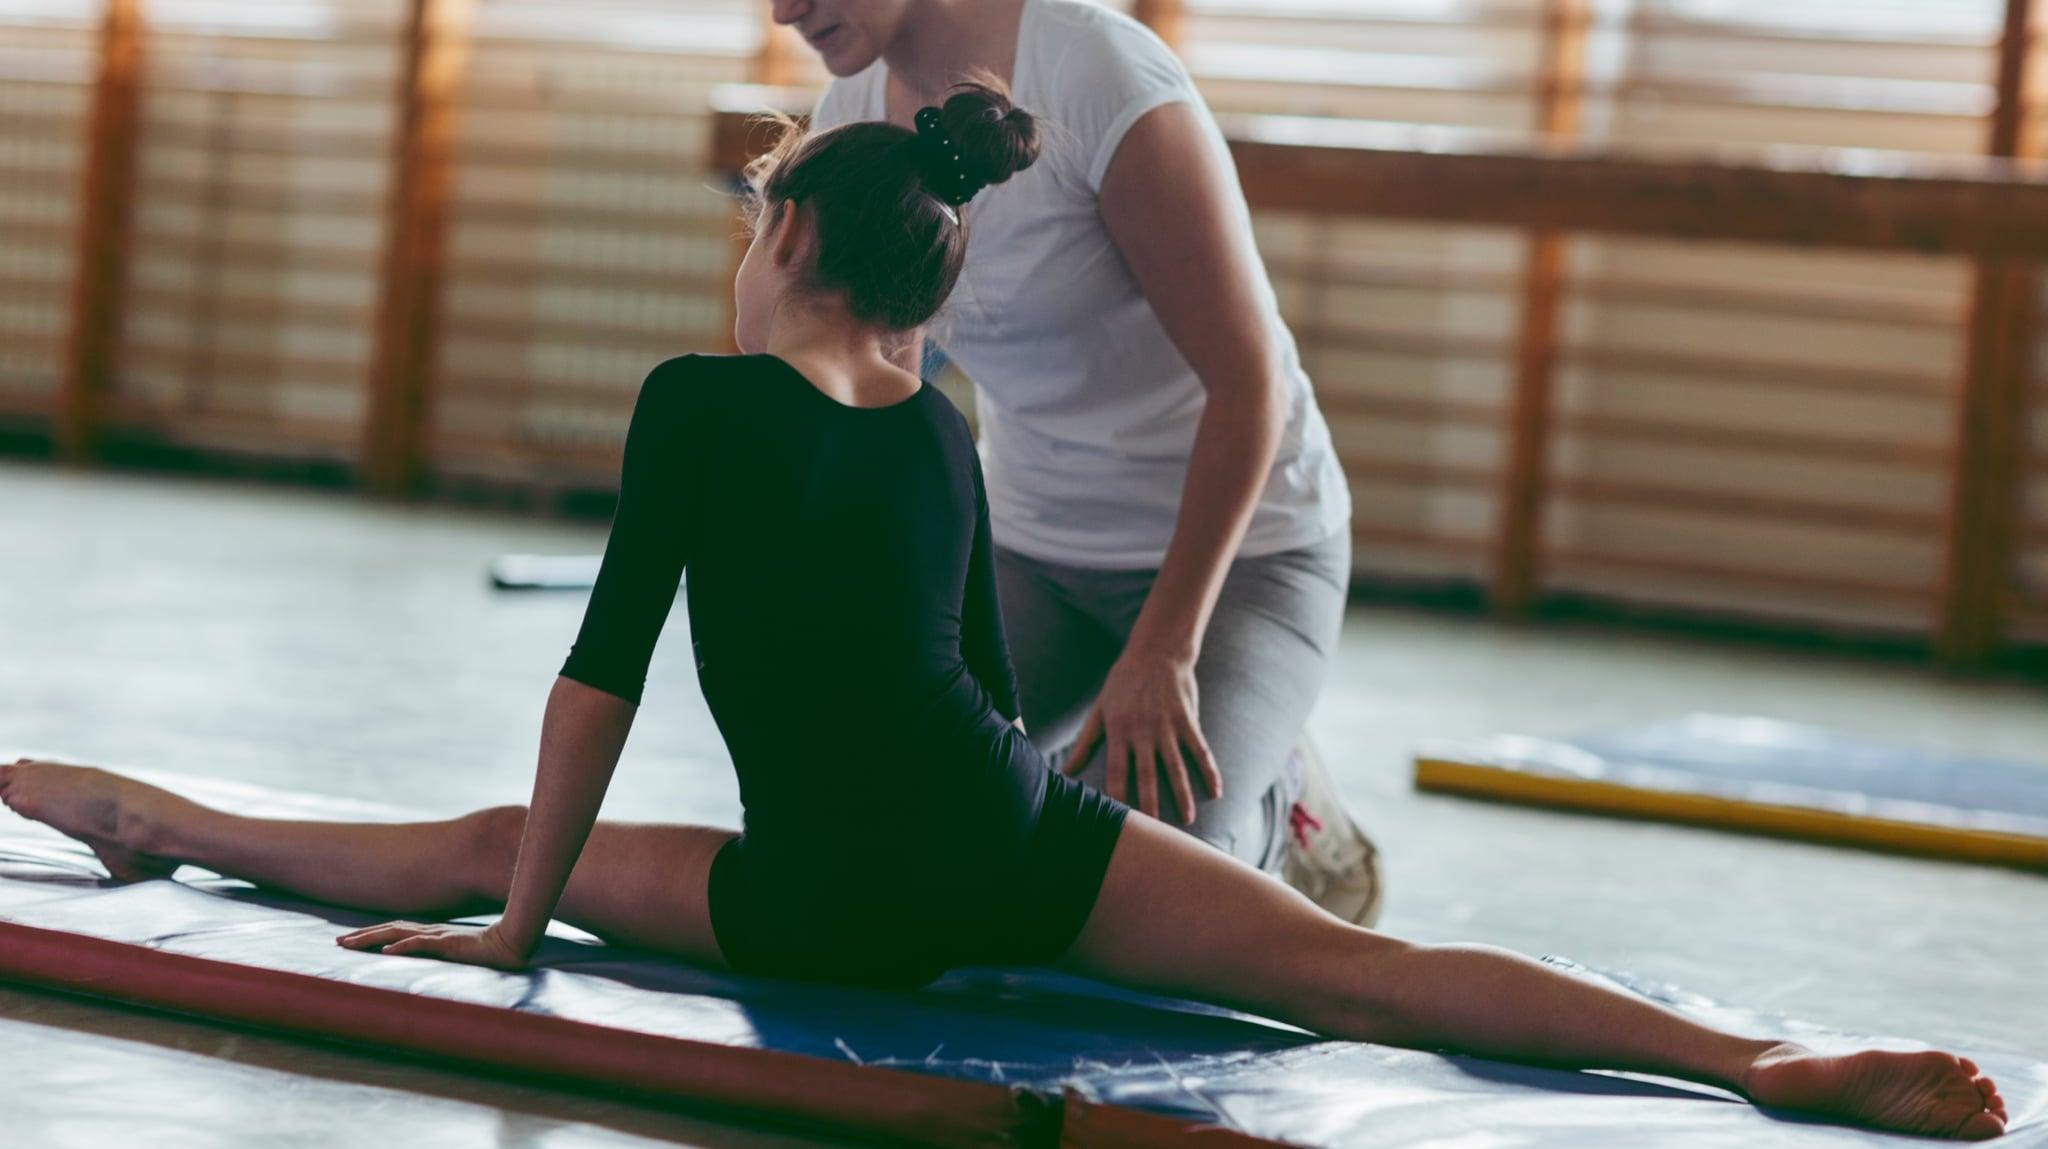 Body-shaming in gymnastics personal essay